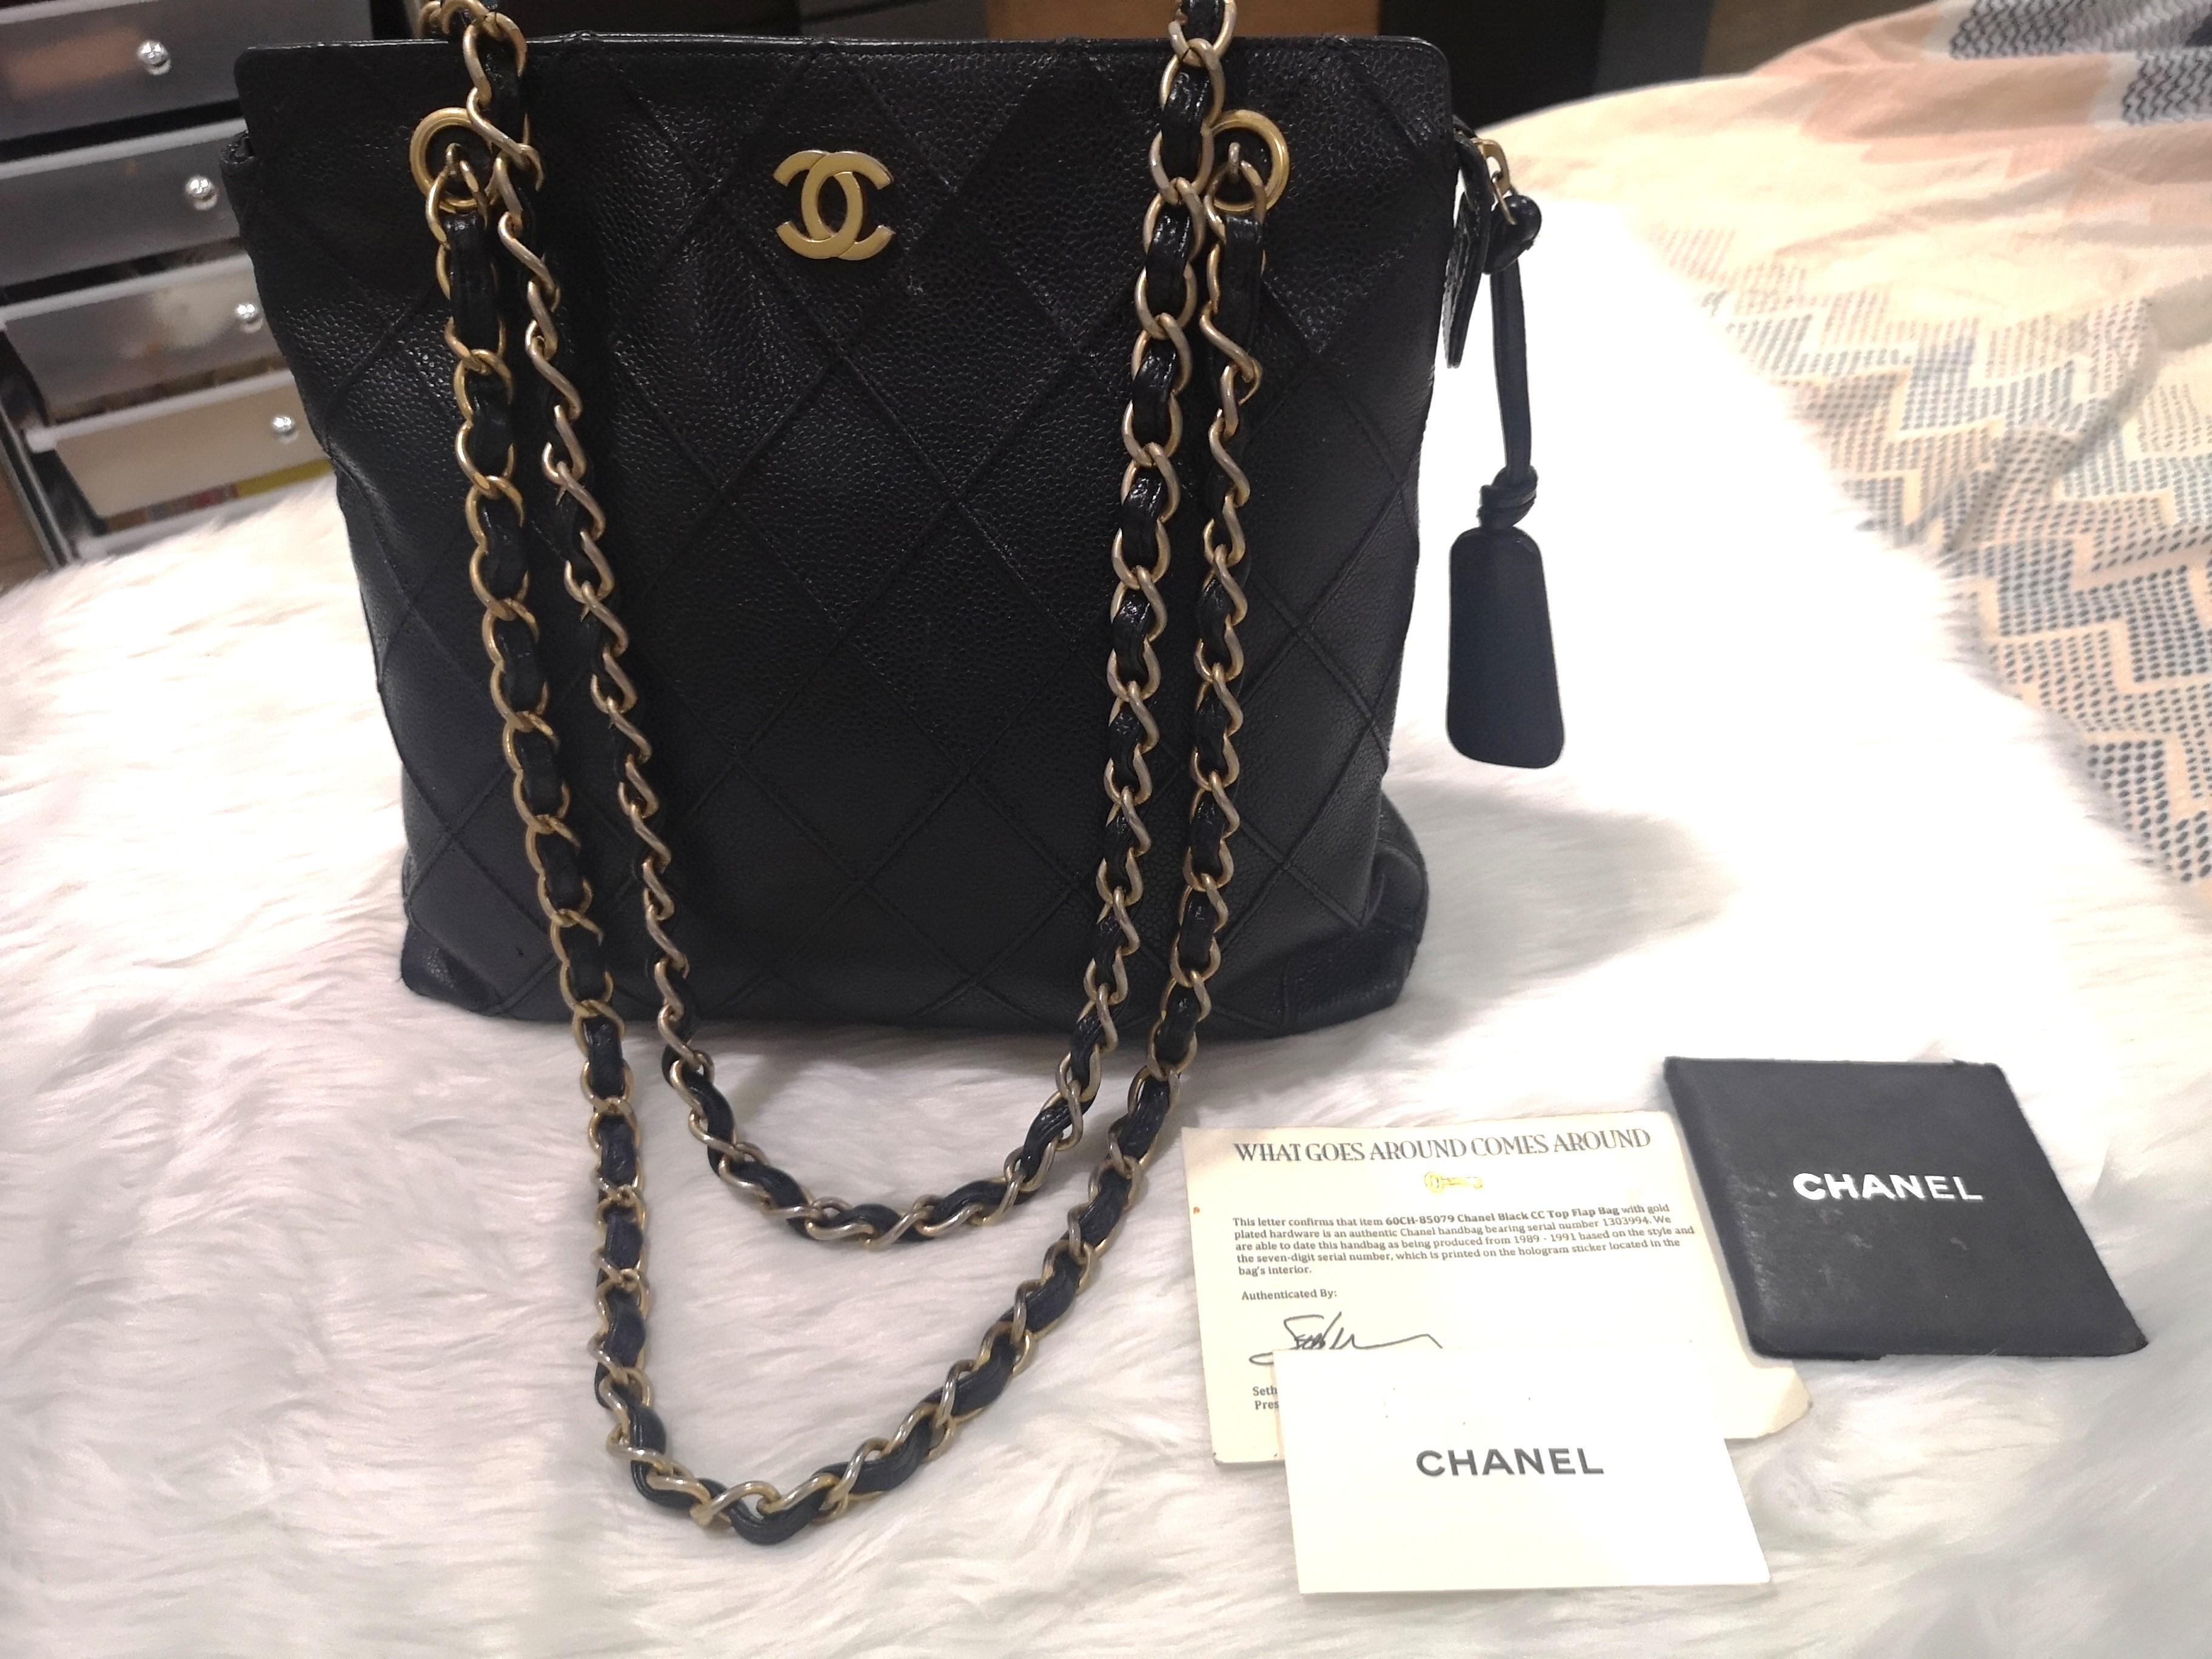 dating Chanel vesker